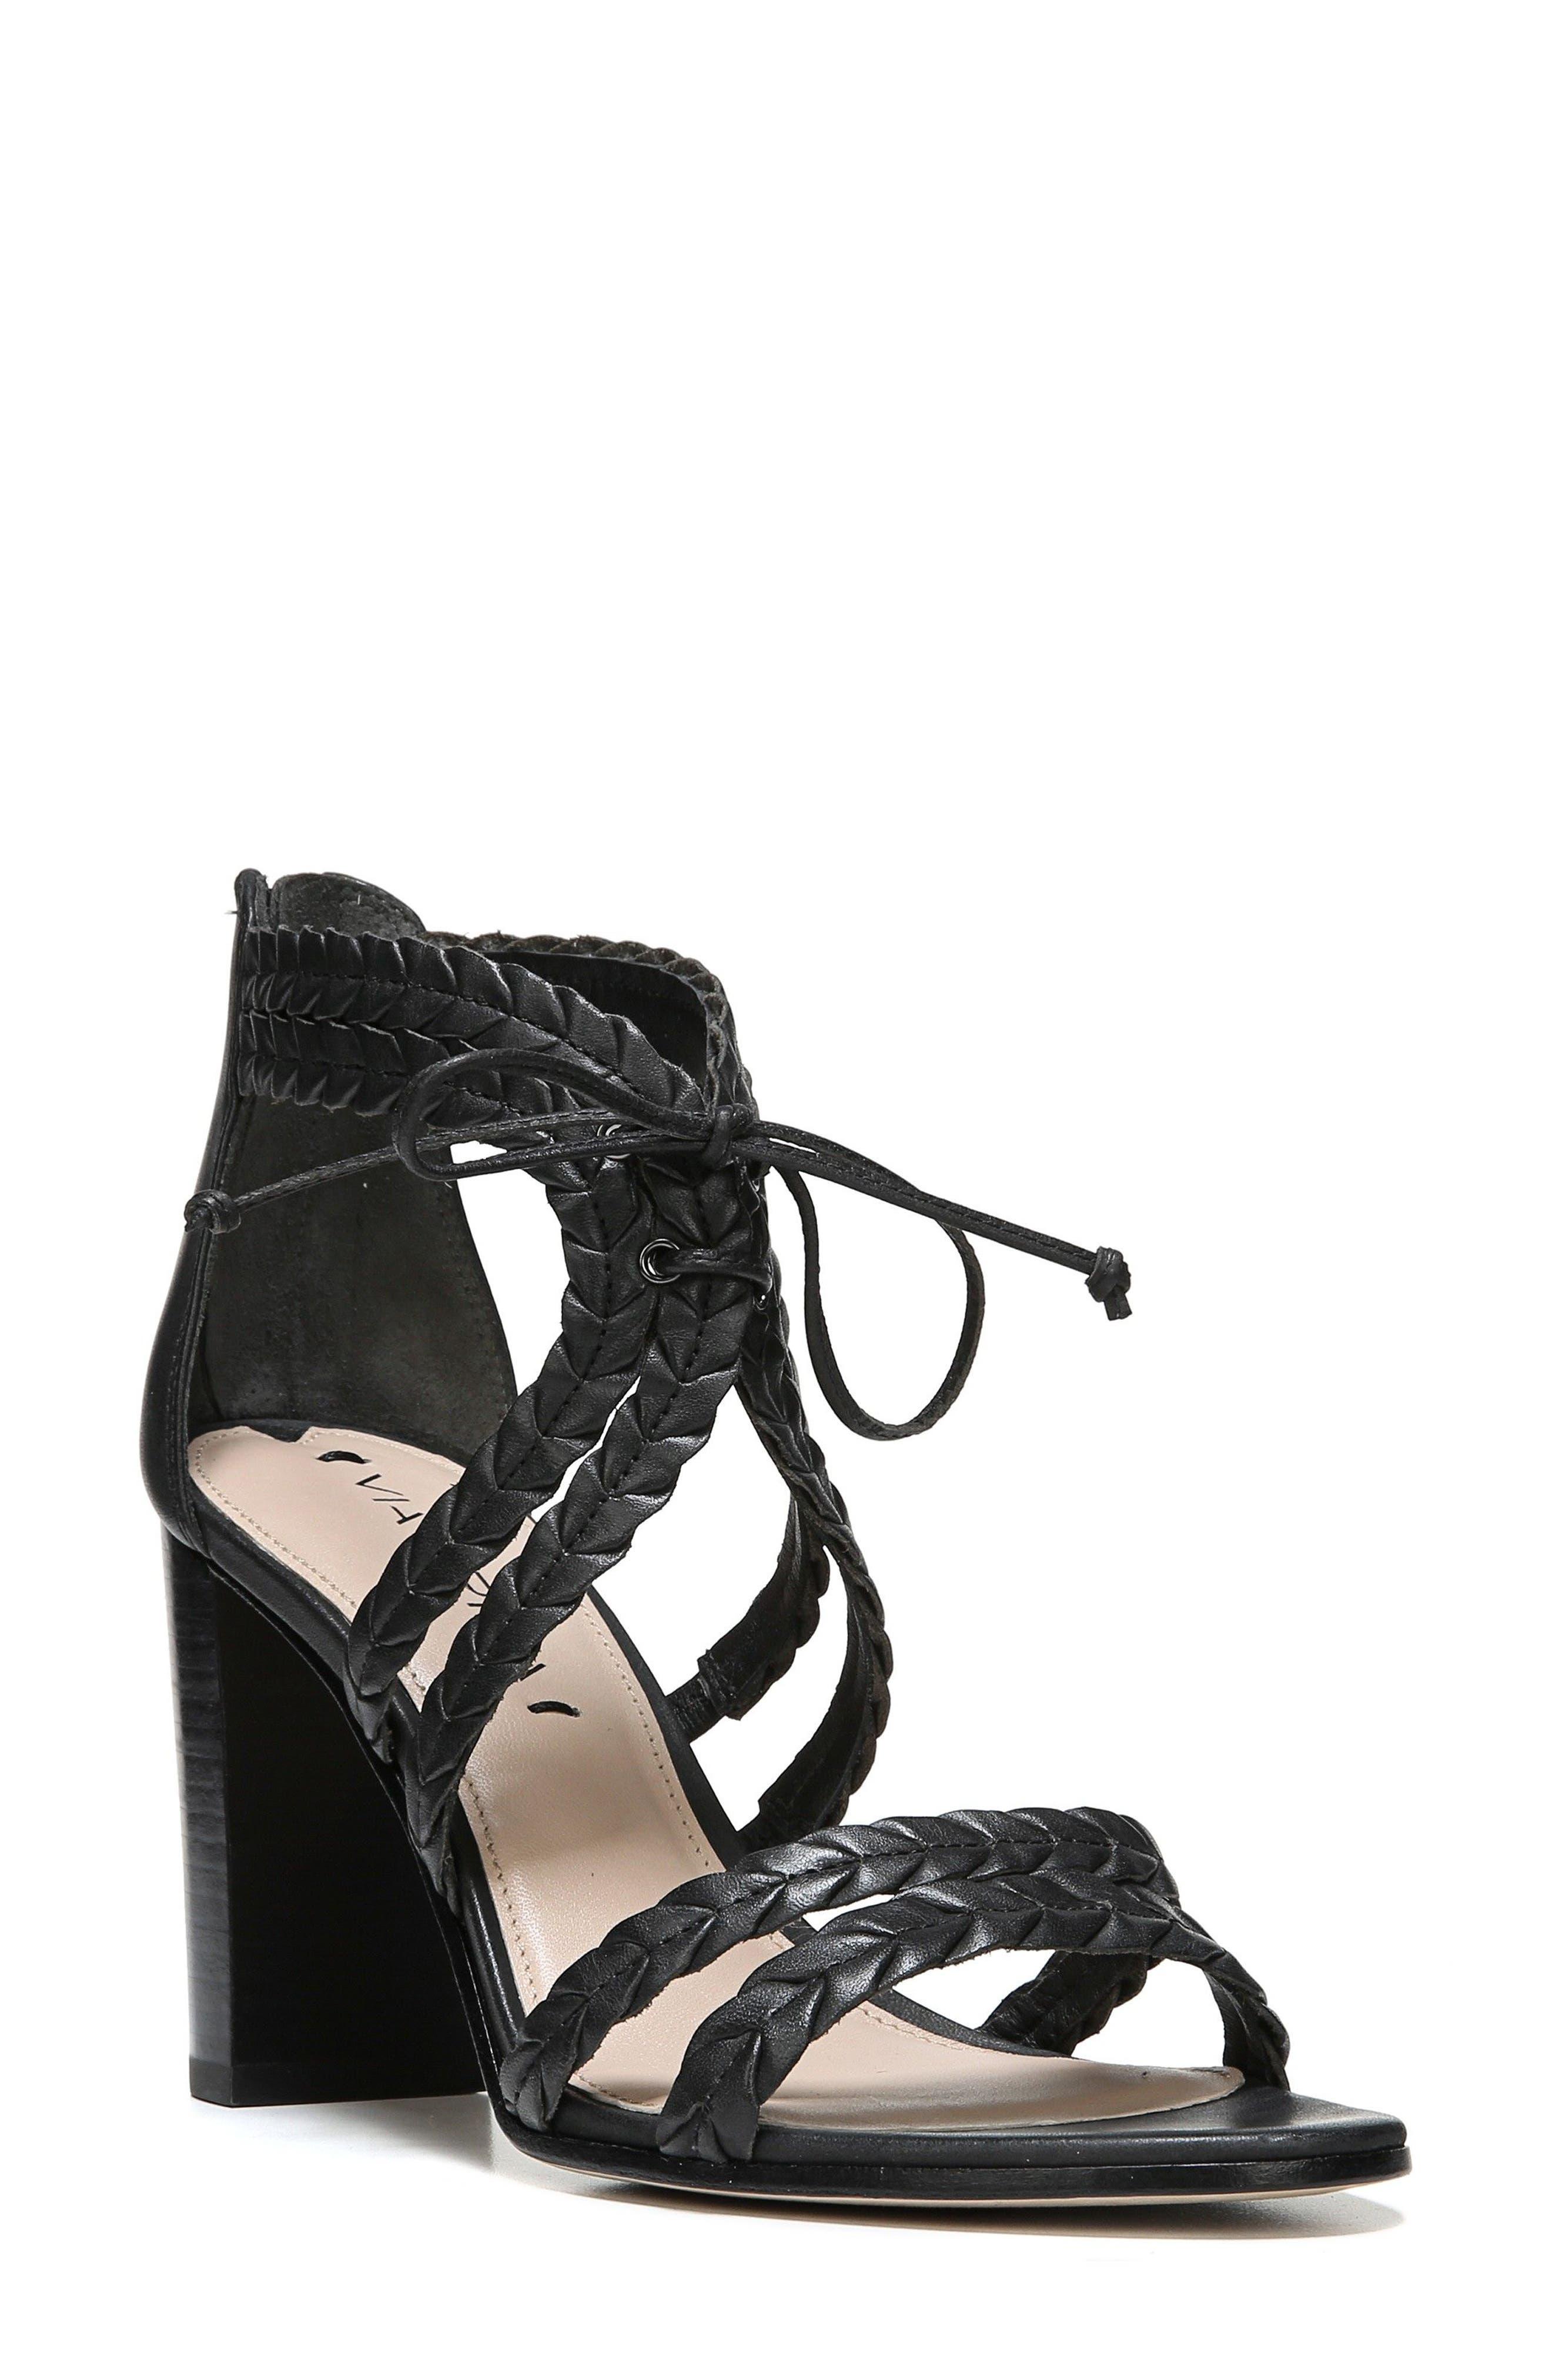 VIA SPIGA Gardenia Lace-Up Sandal, Main, color, 001